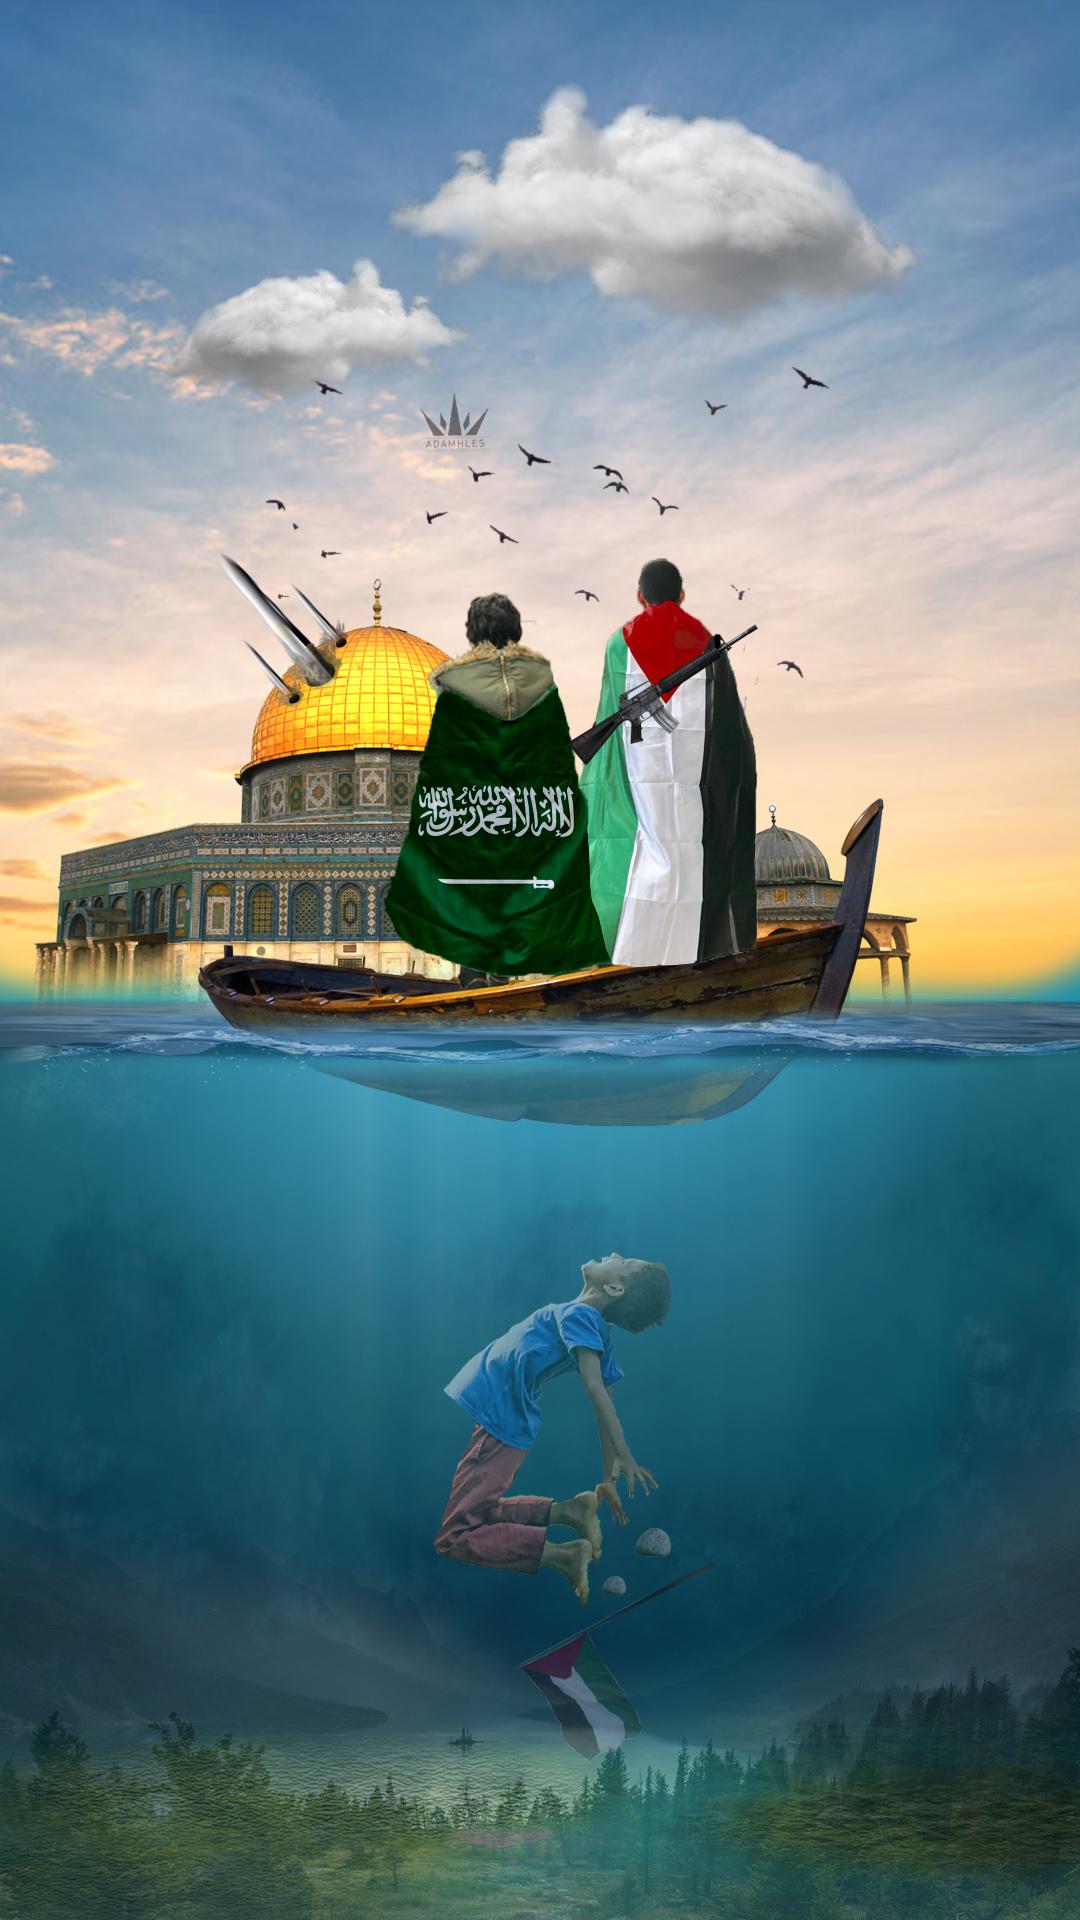 اجمل خلفية تصامن مع فلسطين علم السعودية وعلم فلسطين Flag Palestine and Saudi